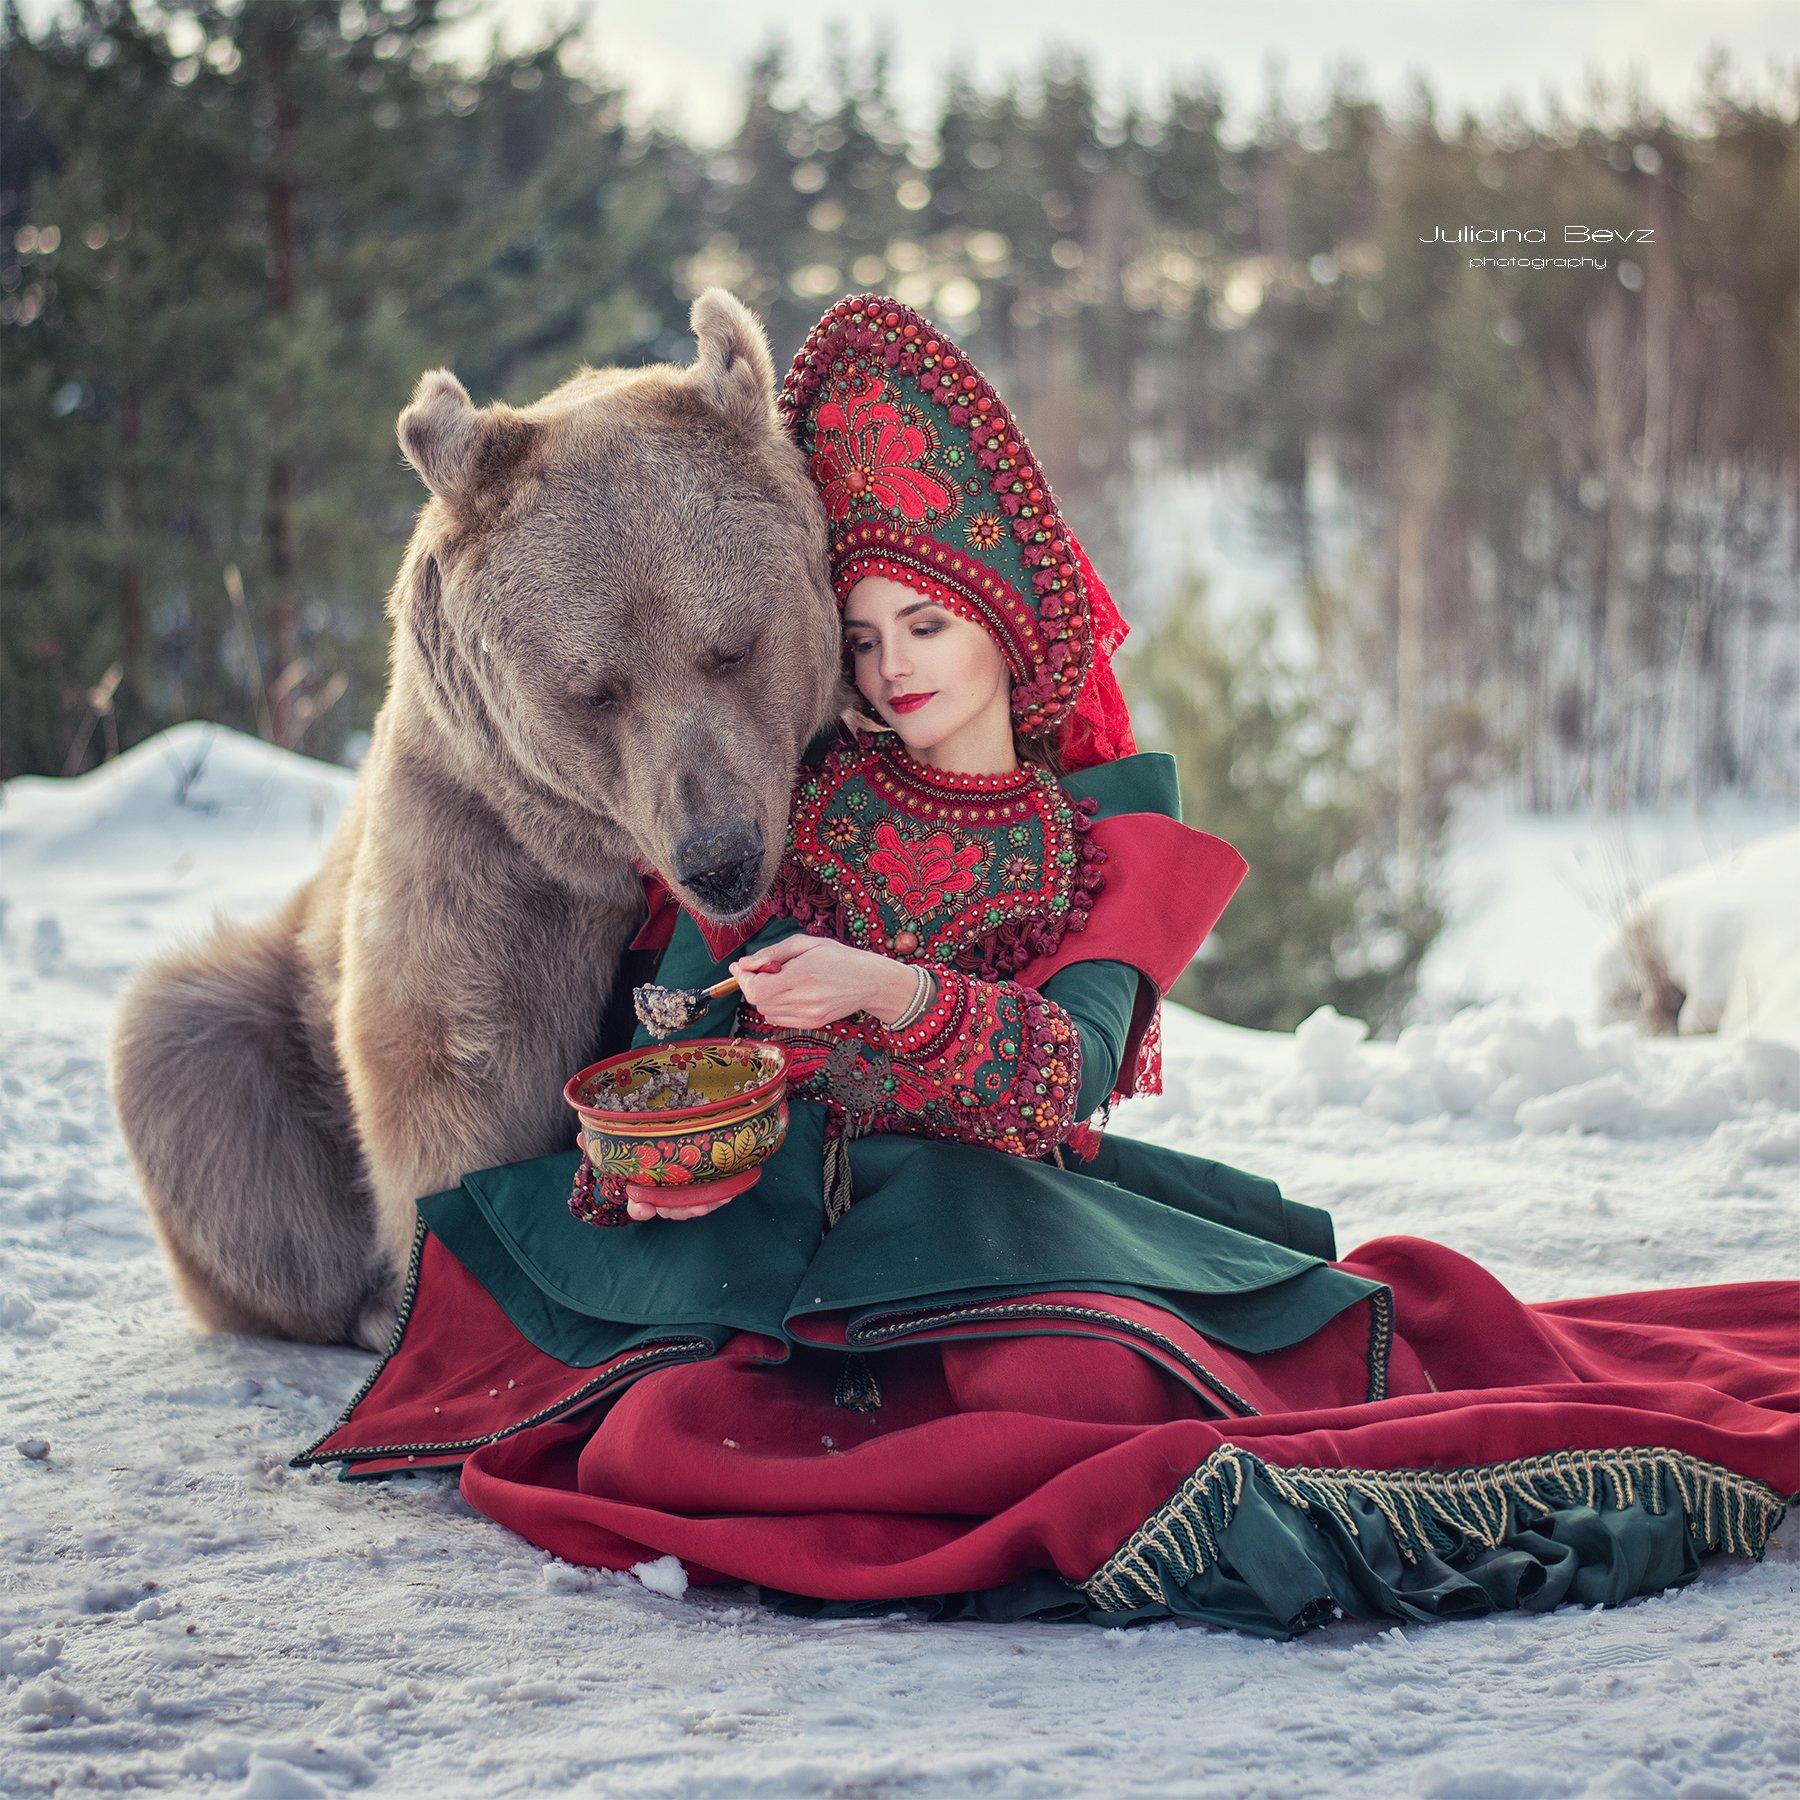 медведь, зима, русский стиль, россия, кокошник, наряд, снег, Bevz Juliana